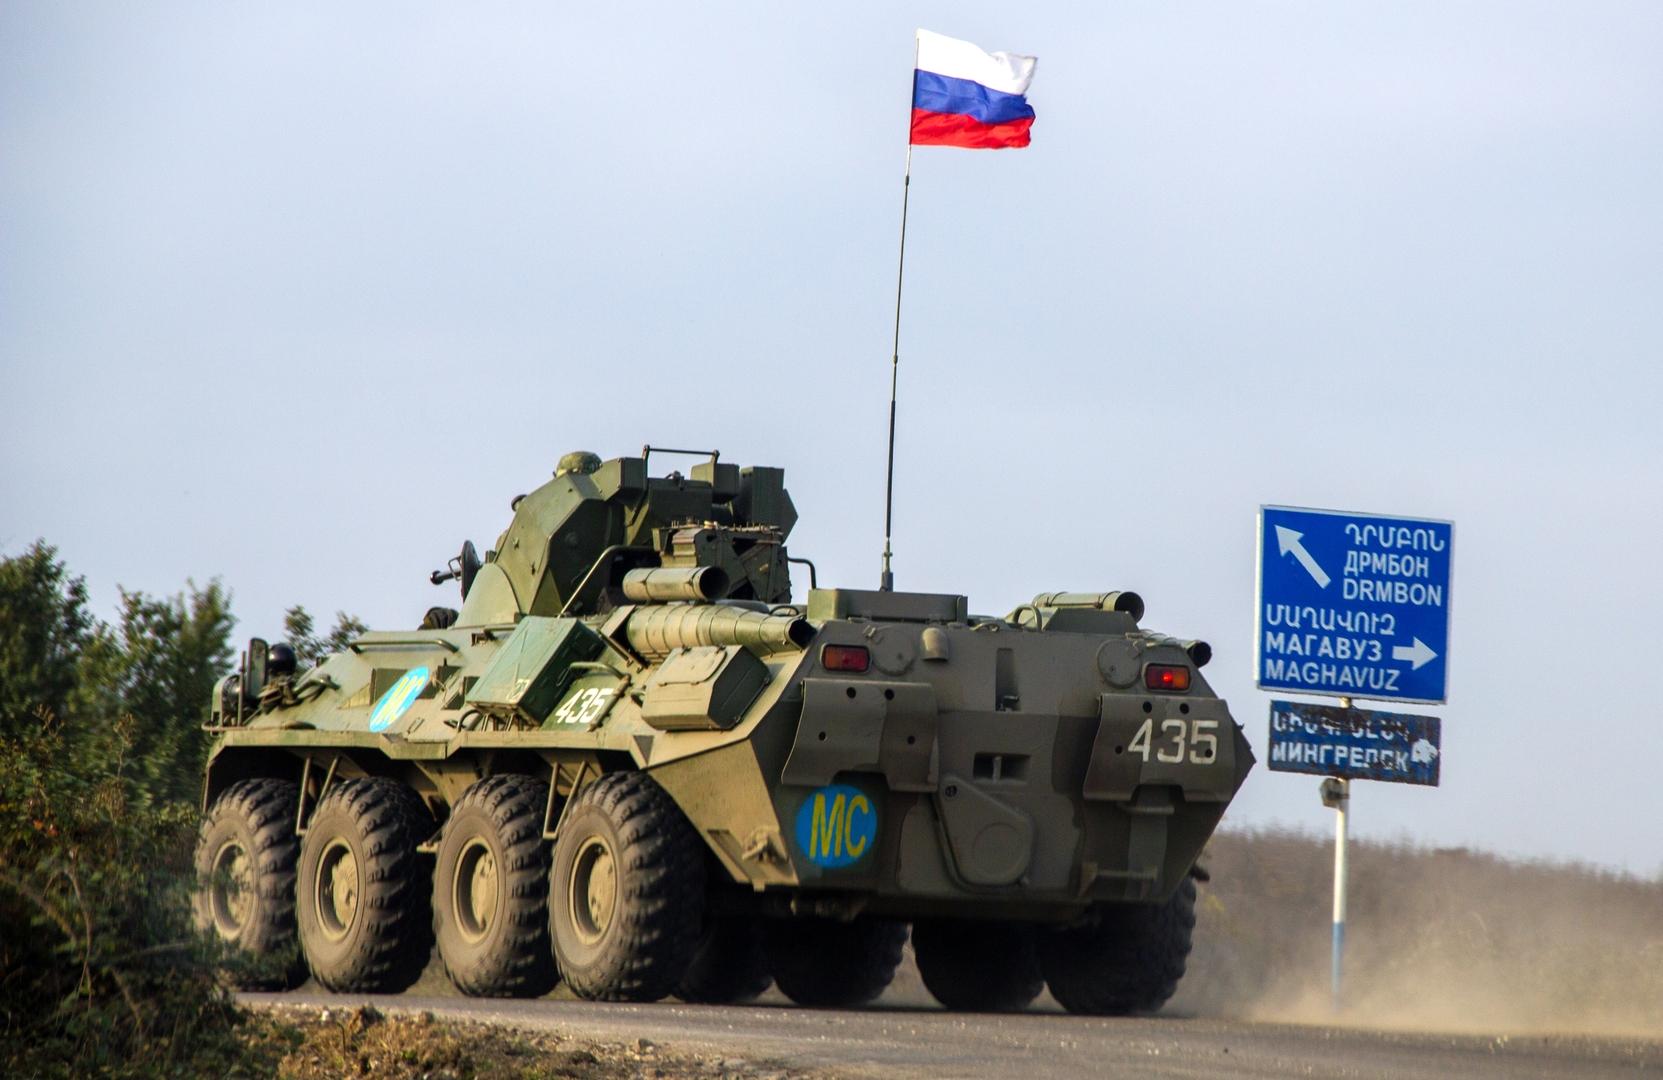 باشينيان: بقاء قوات حفظ السلام الروسية في قره باغ لن يقتصر على 5 سنوات